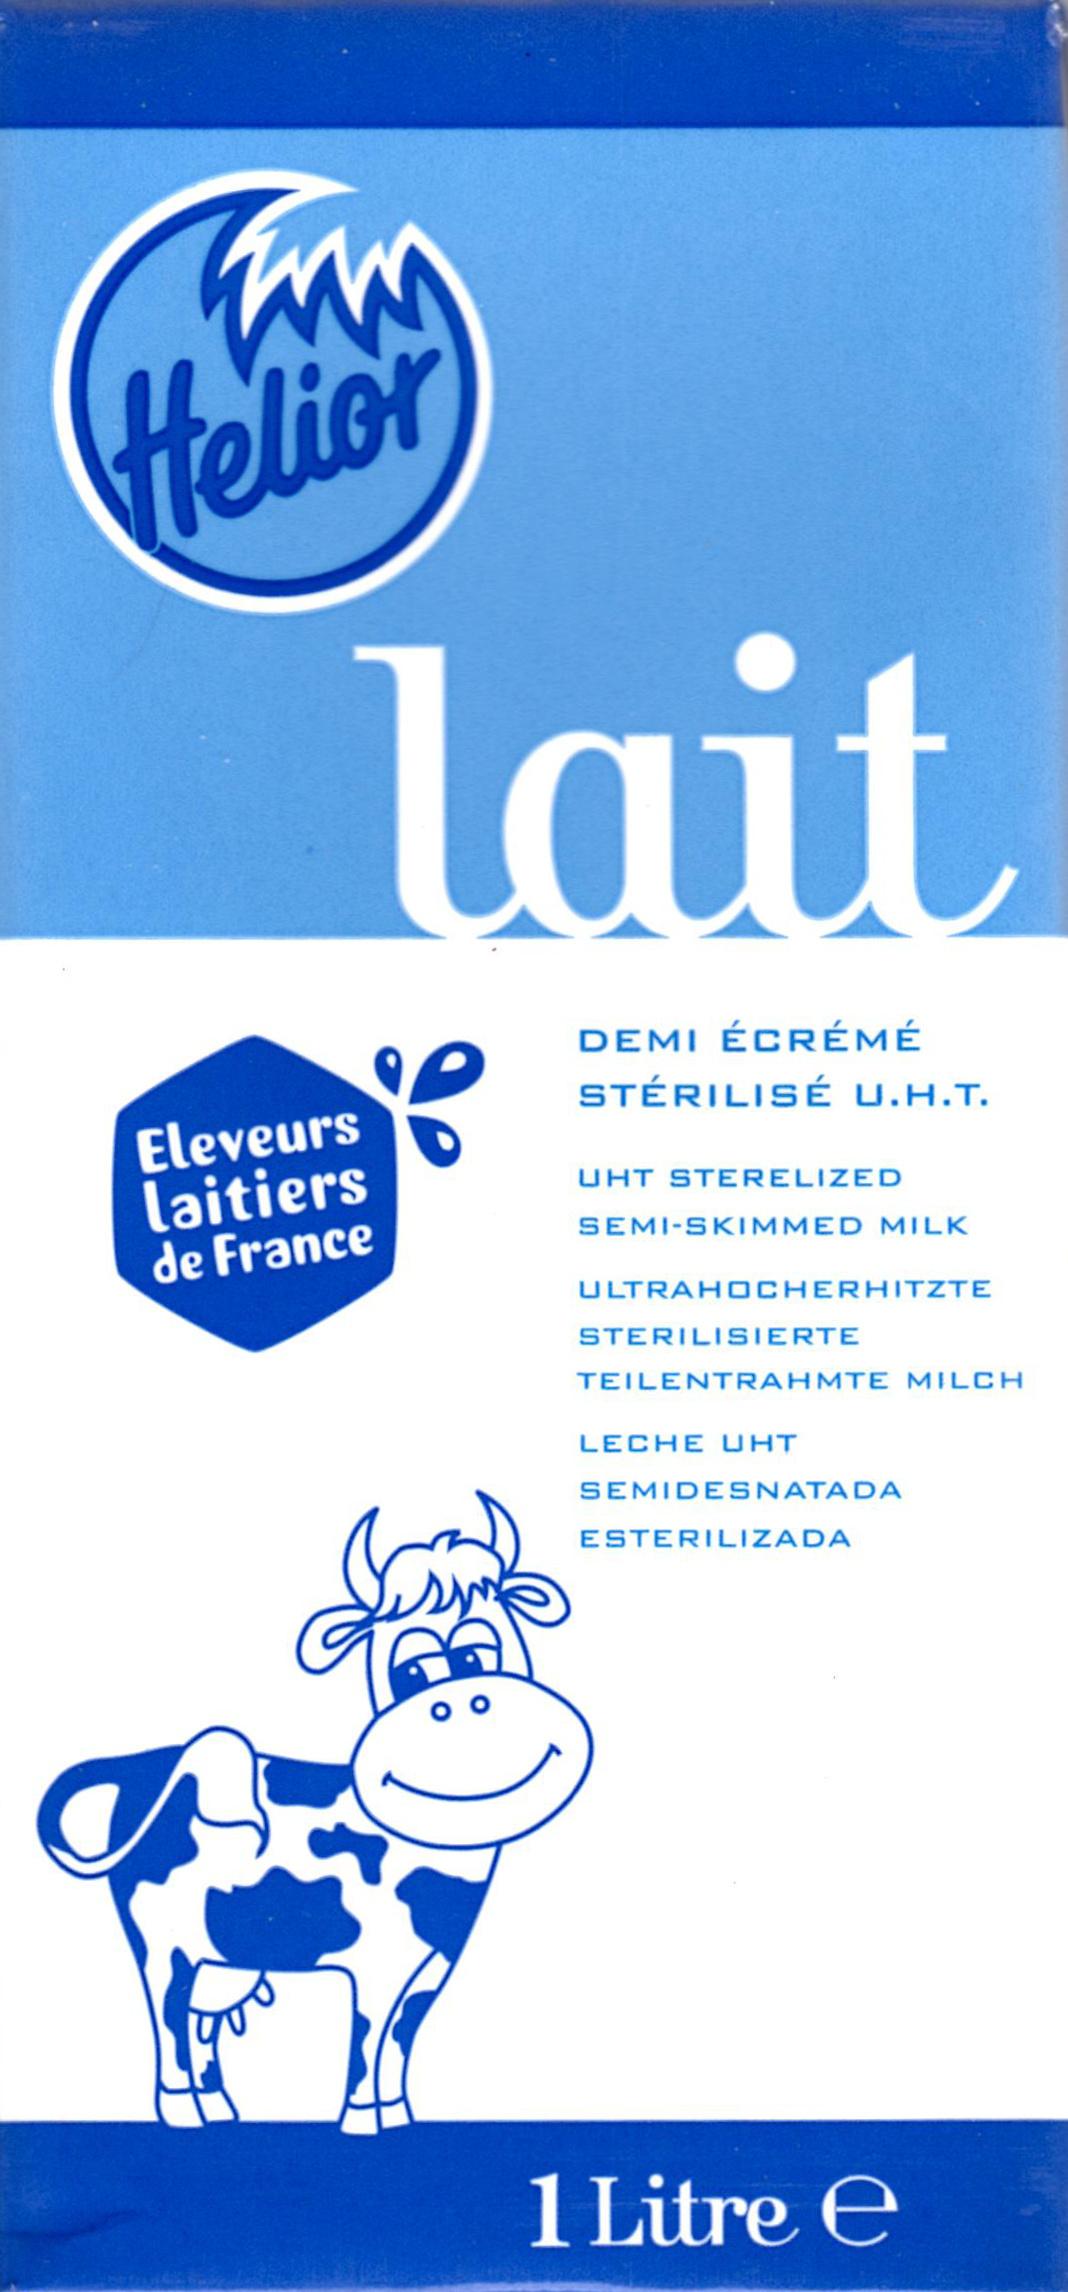 Lait Demi-Écrémé Stérilisé UHT - Product